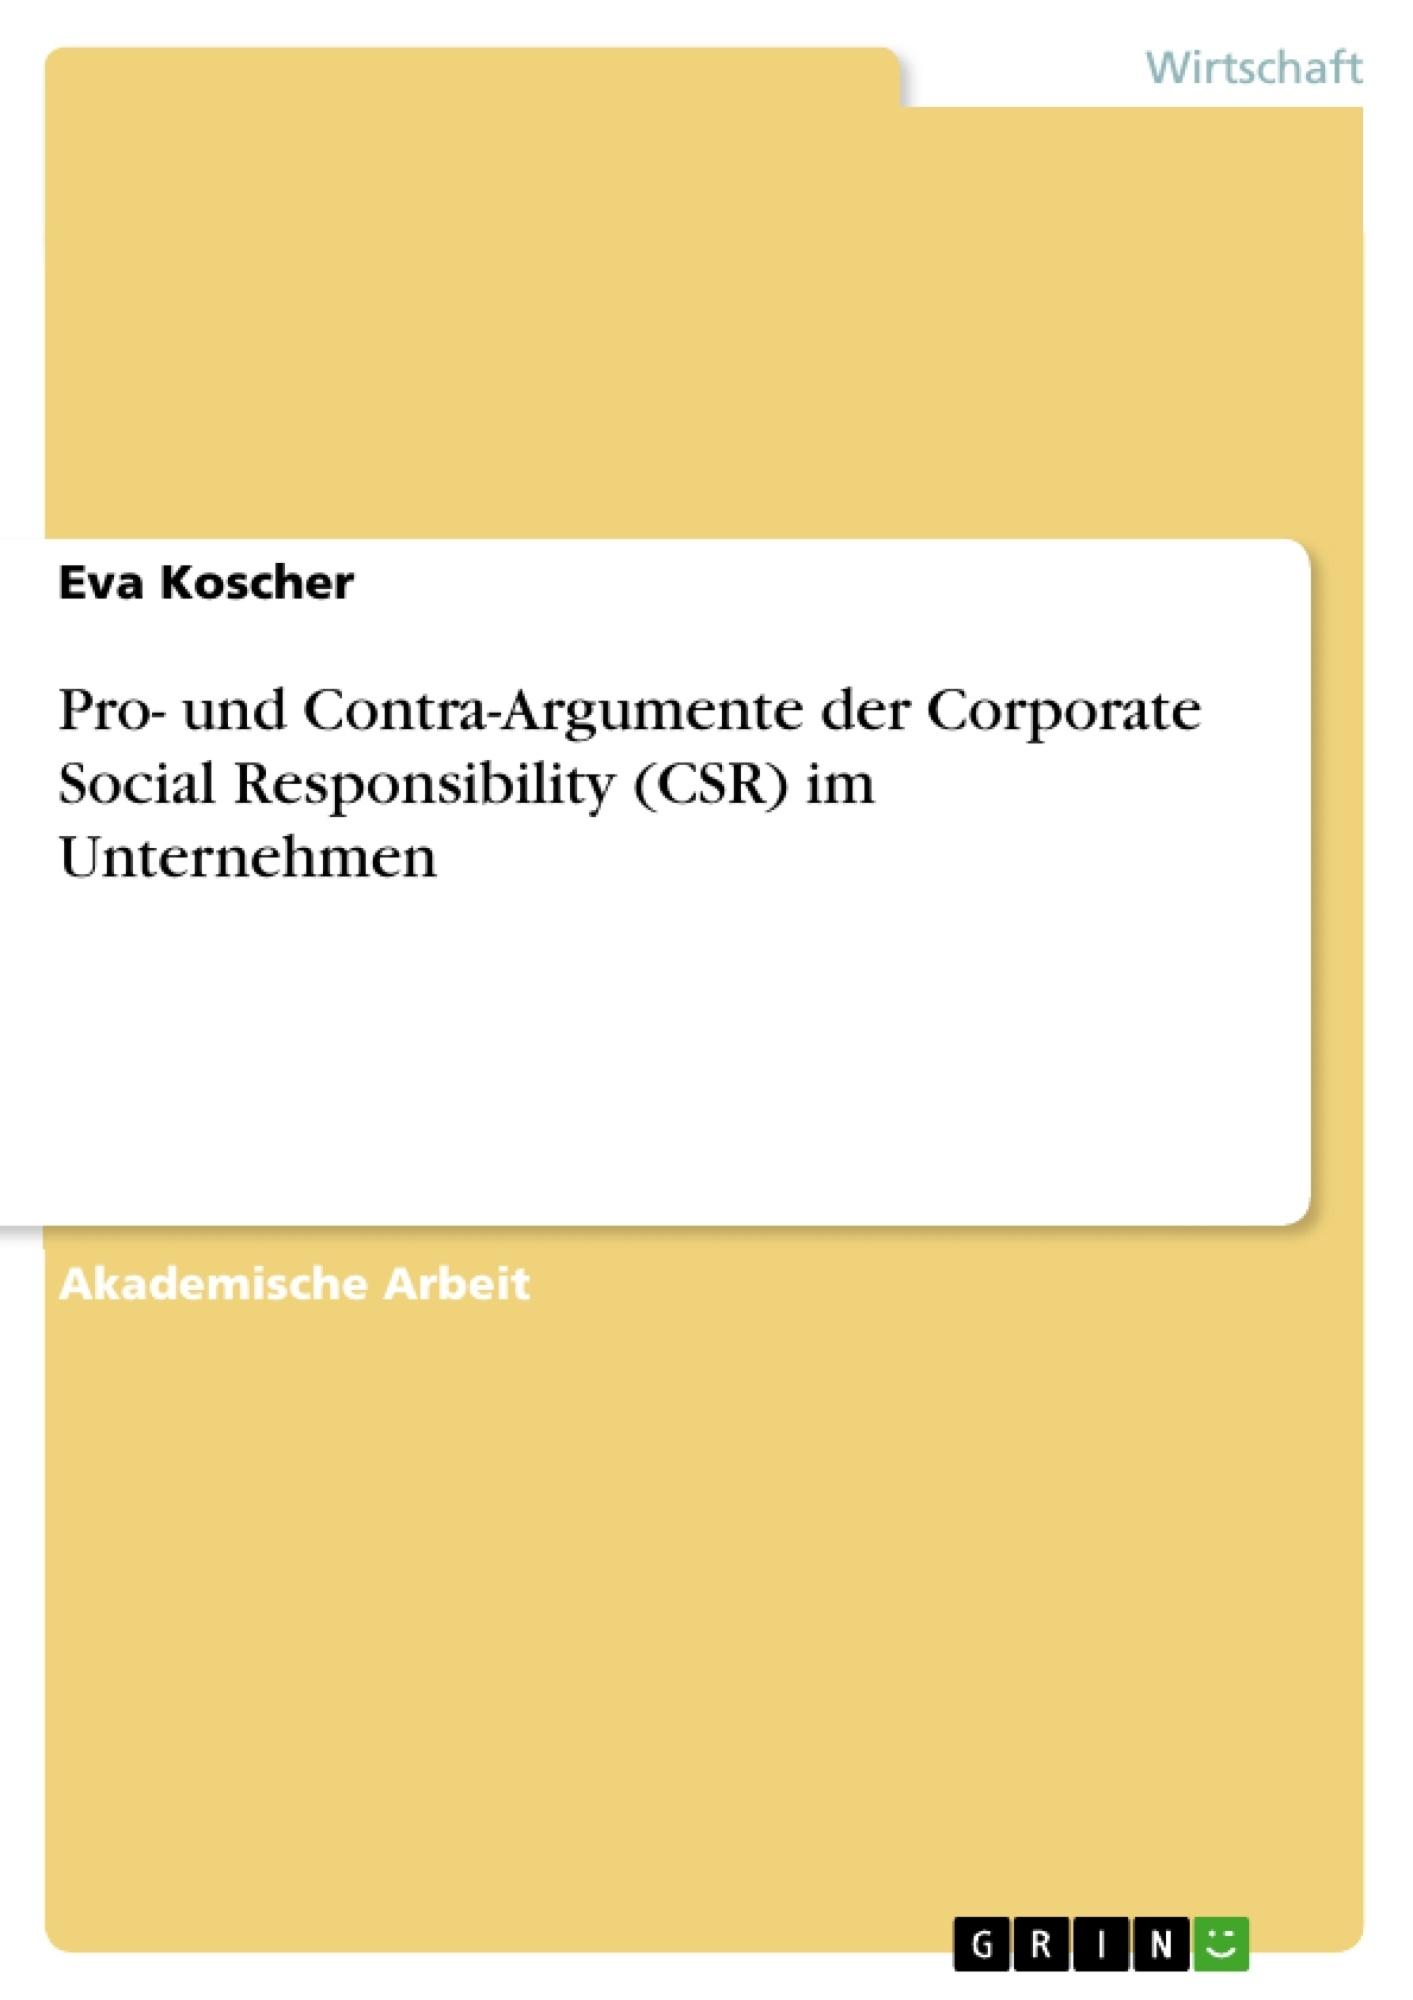 Titel: Pro- und Contra-Argumente der Corporate Social Responsibility (CSR) im Unternehmen